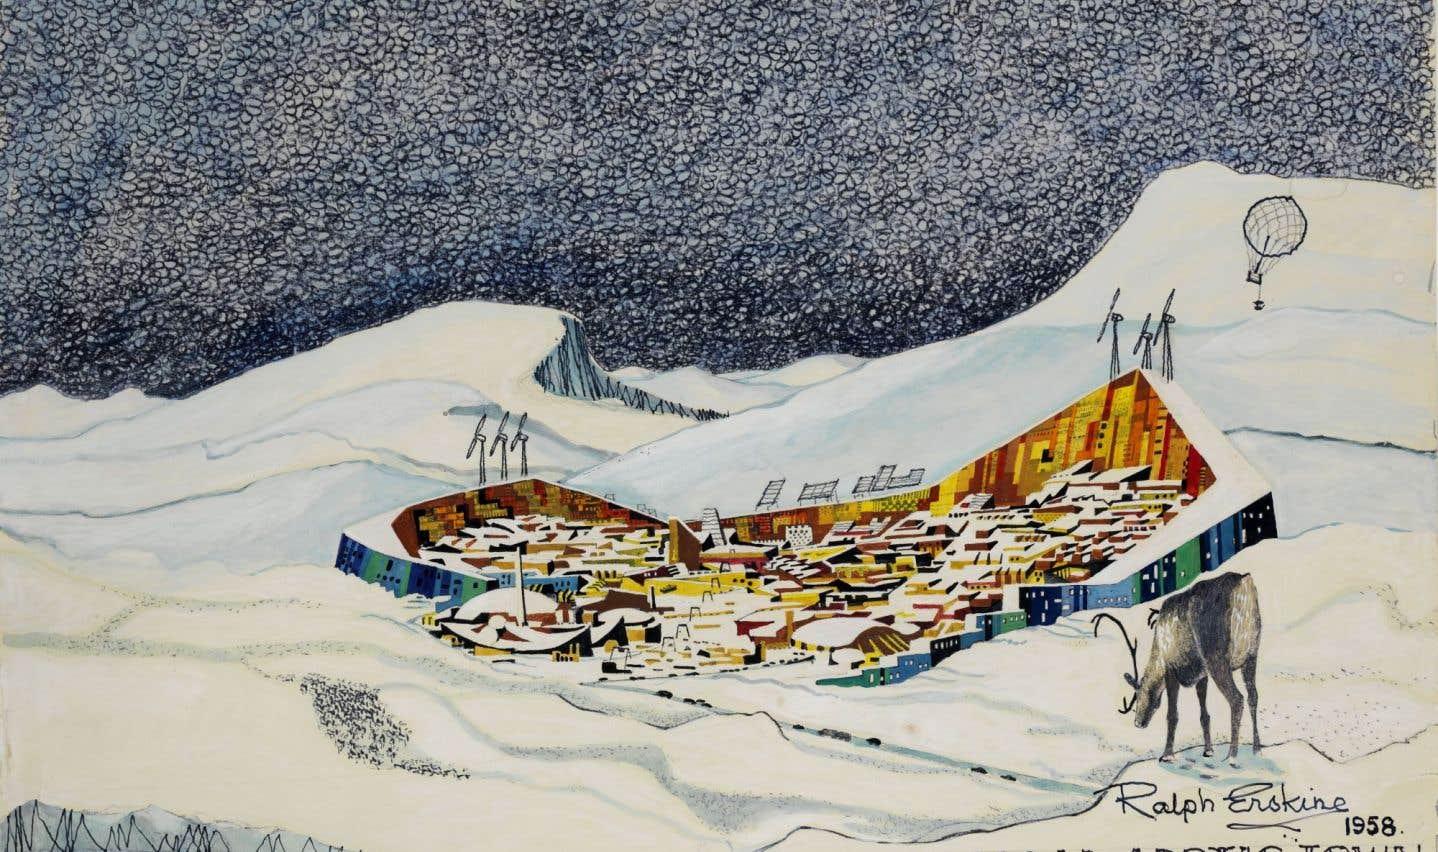 Croquis d'une ville fortifiée prototype en Arctique, développée plus tard pour la ville de Resolute Bay dans les Territoires du Nord-Ouest (maintenant le Nunavut)